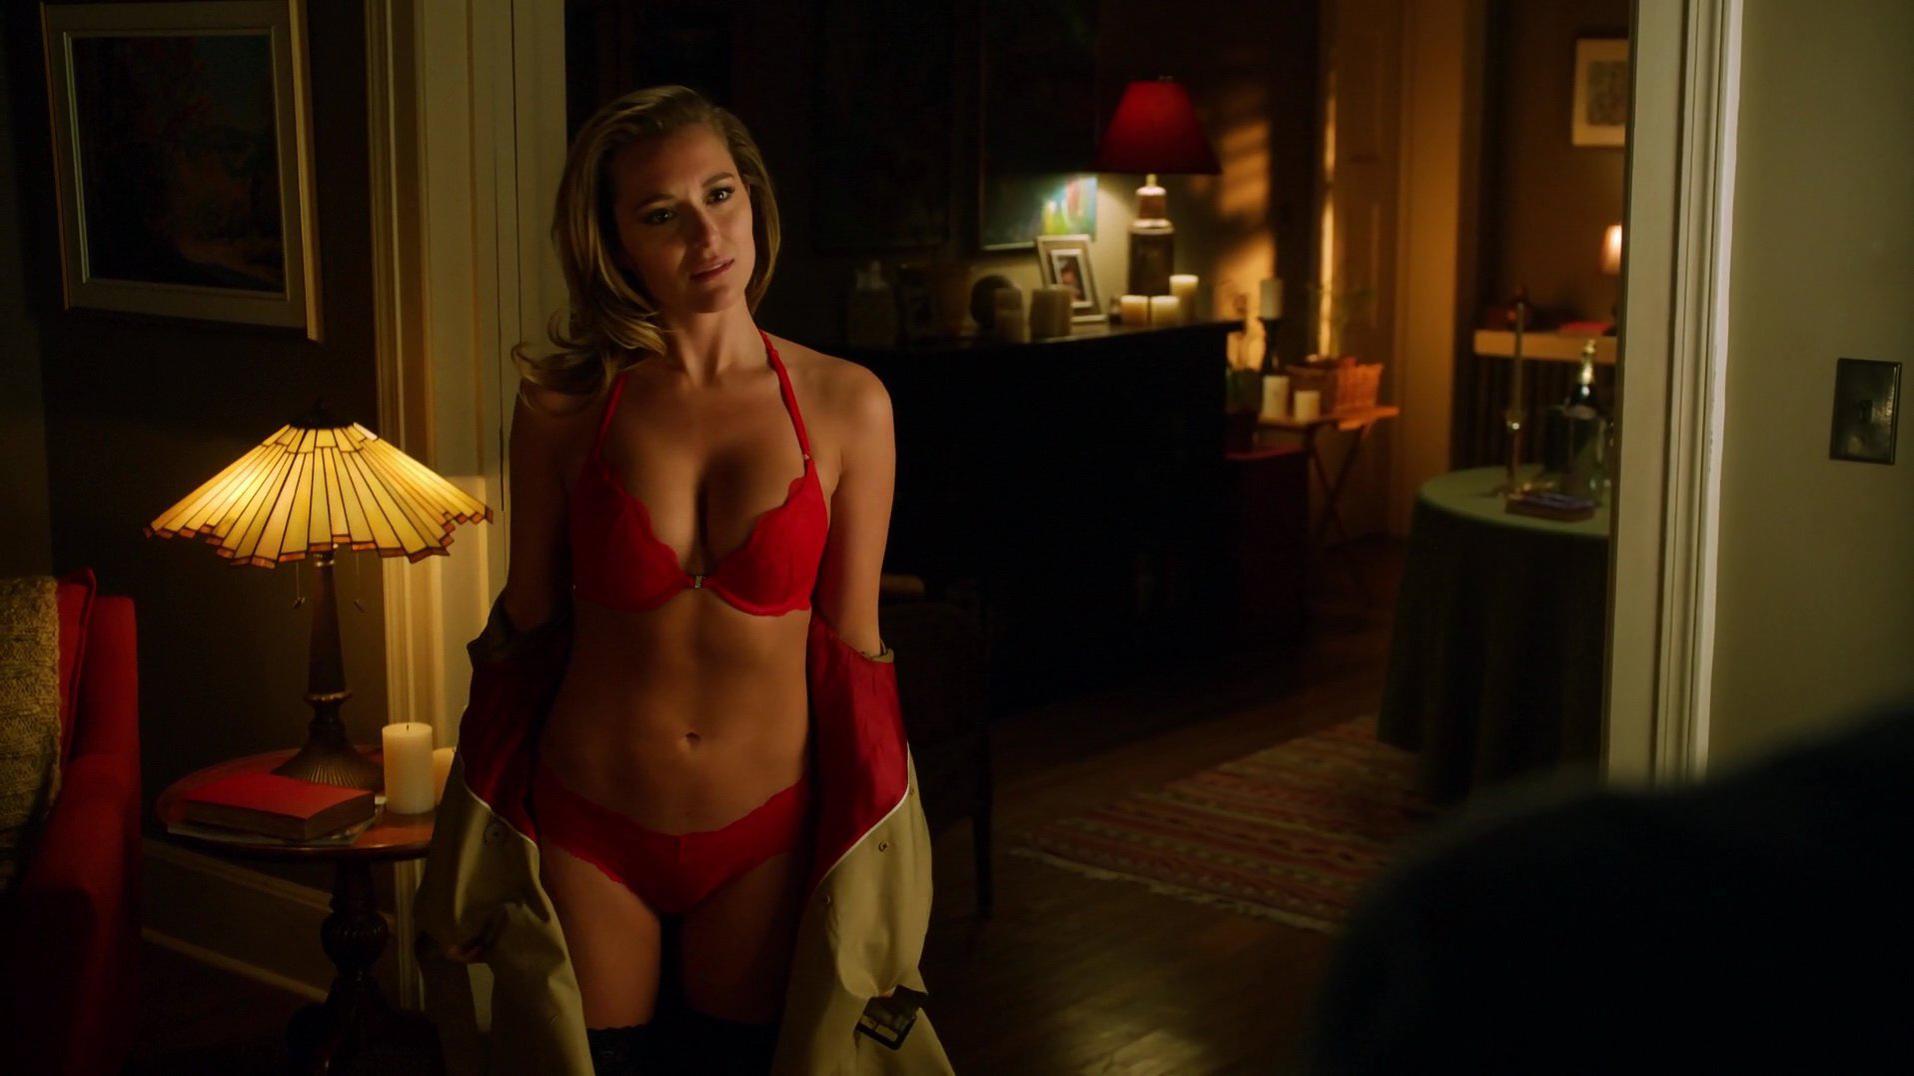 Alexa vega sex scene